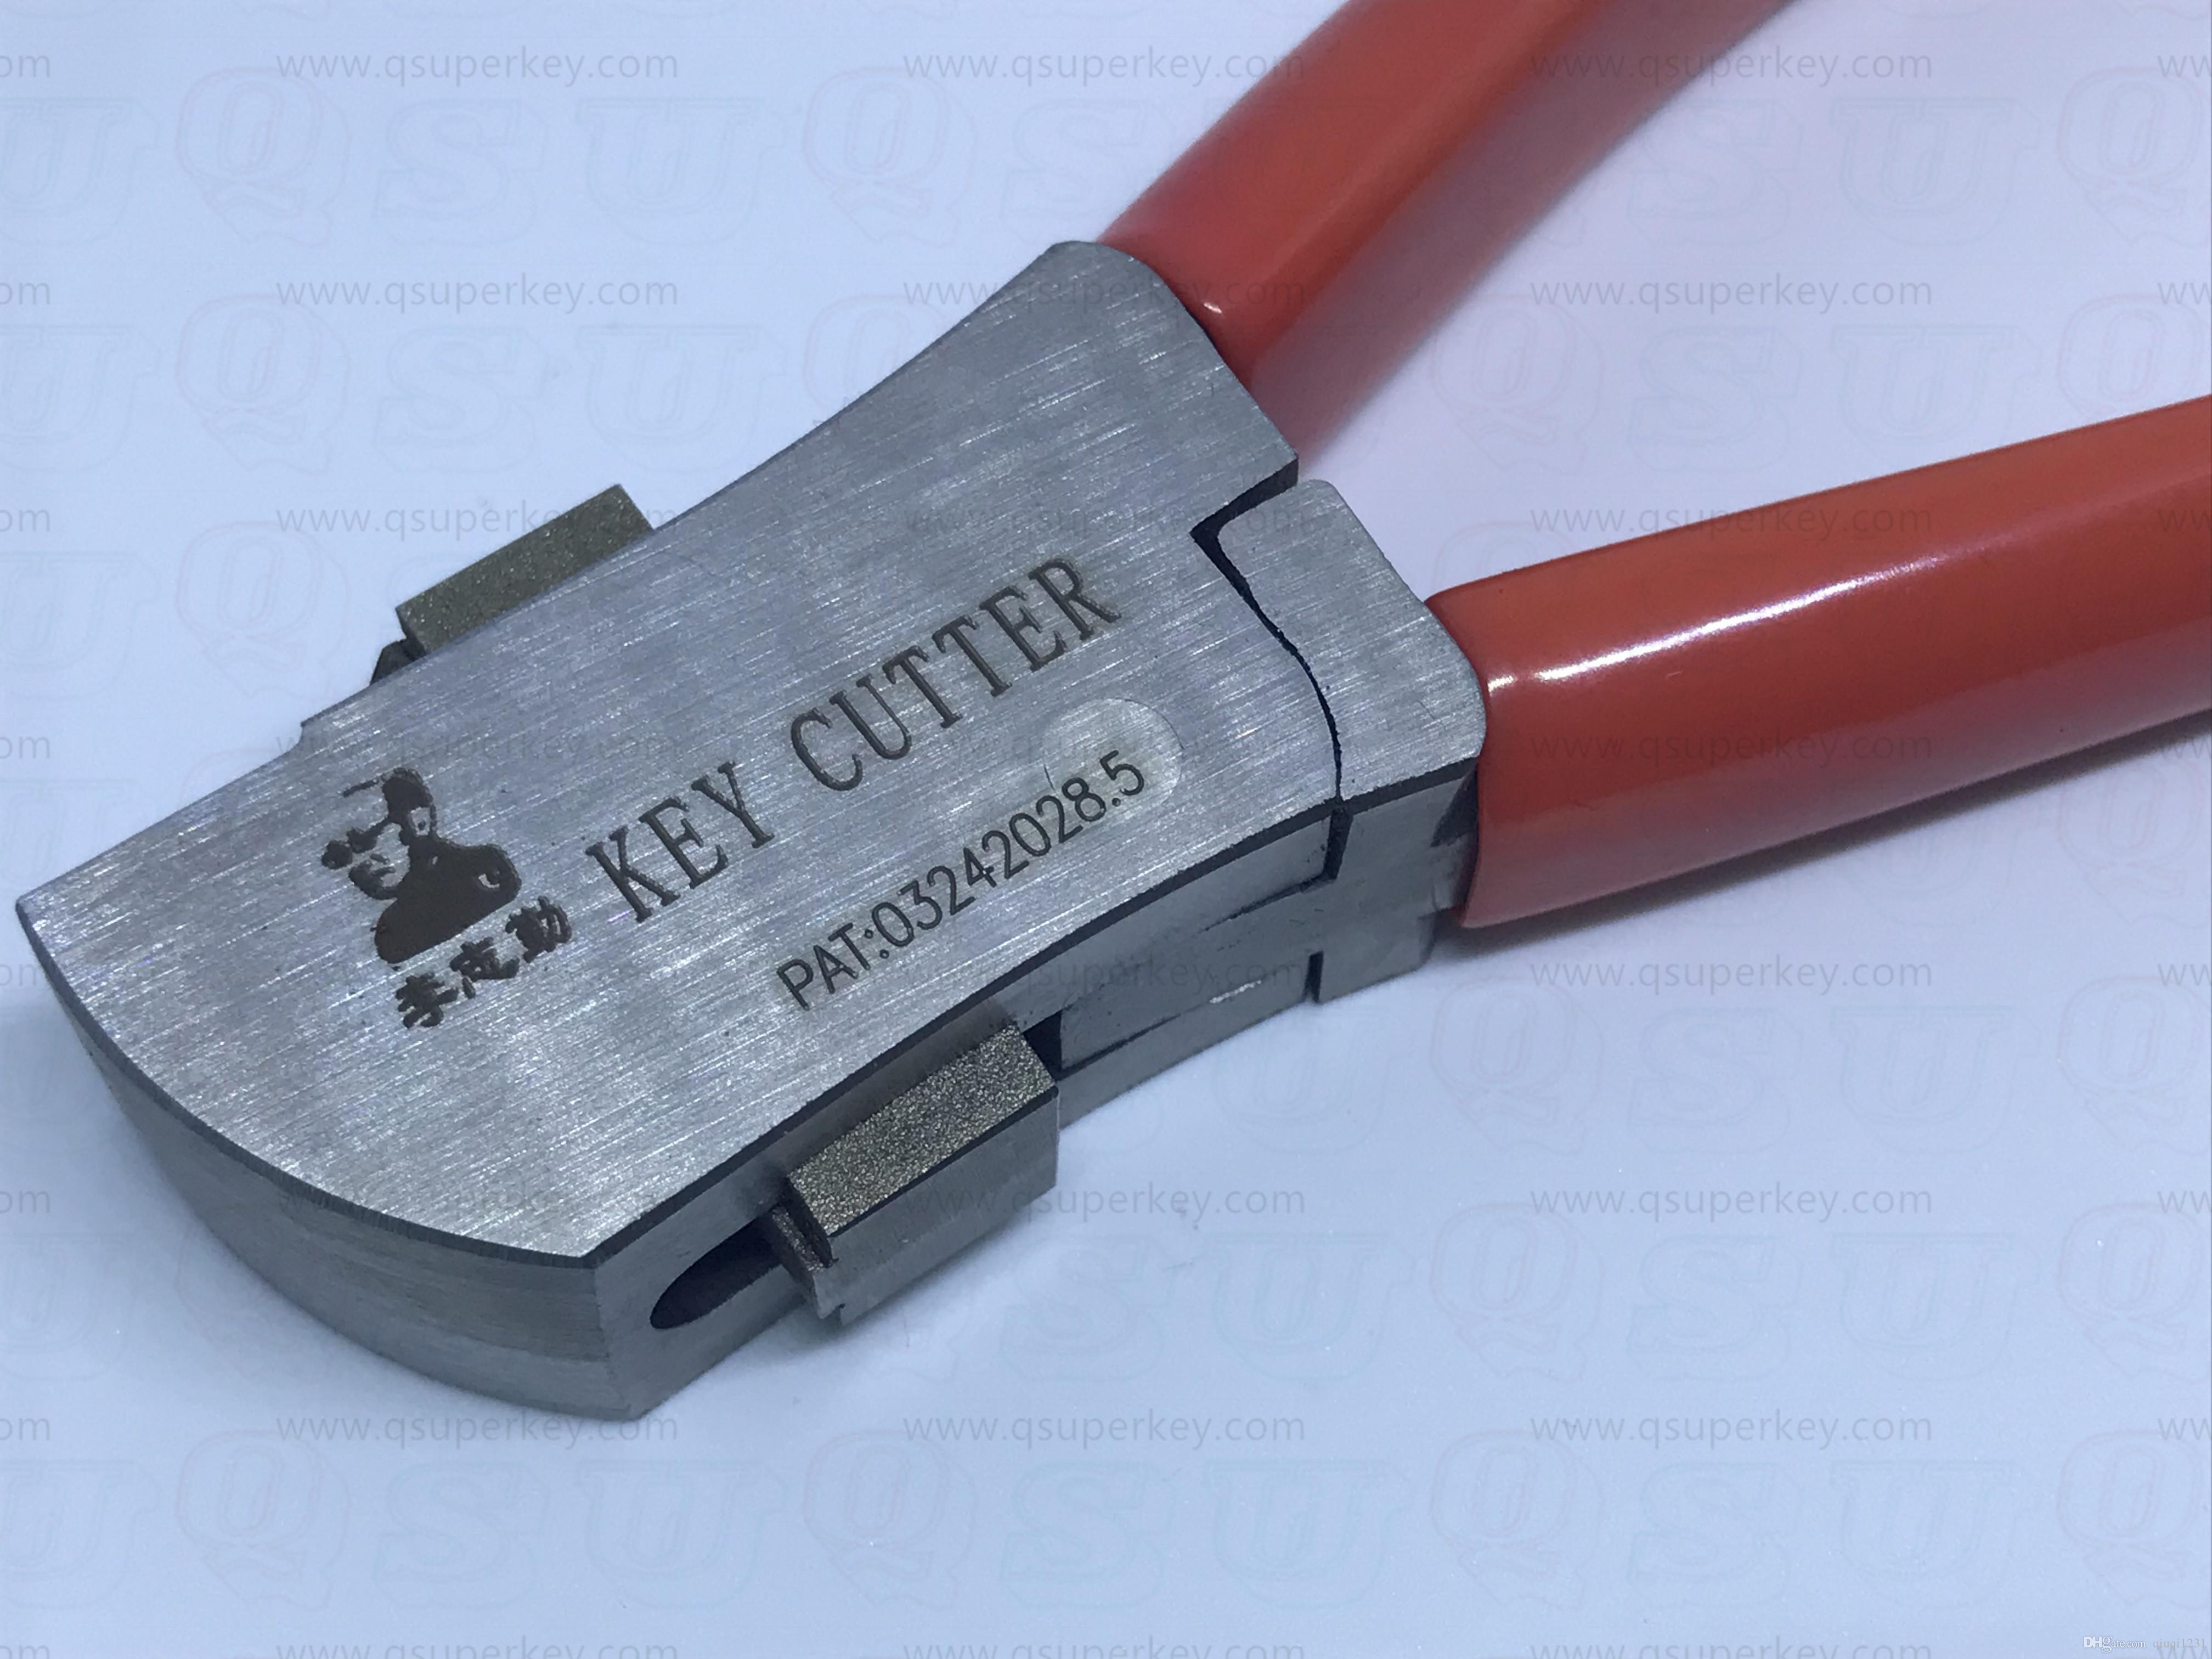 qsuperkey Vente Chaude Lishi Clé Cutter Clé Automatique Machine De Découpe Verrouiller Choisir Outils De Serrurier